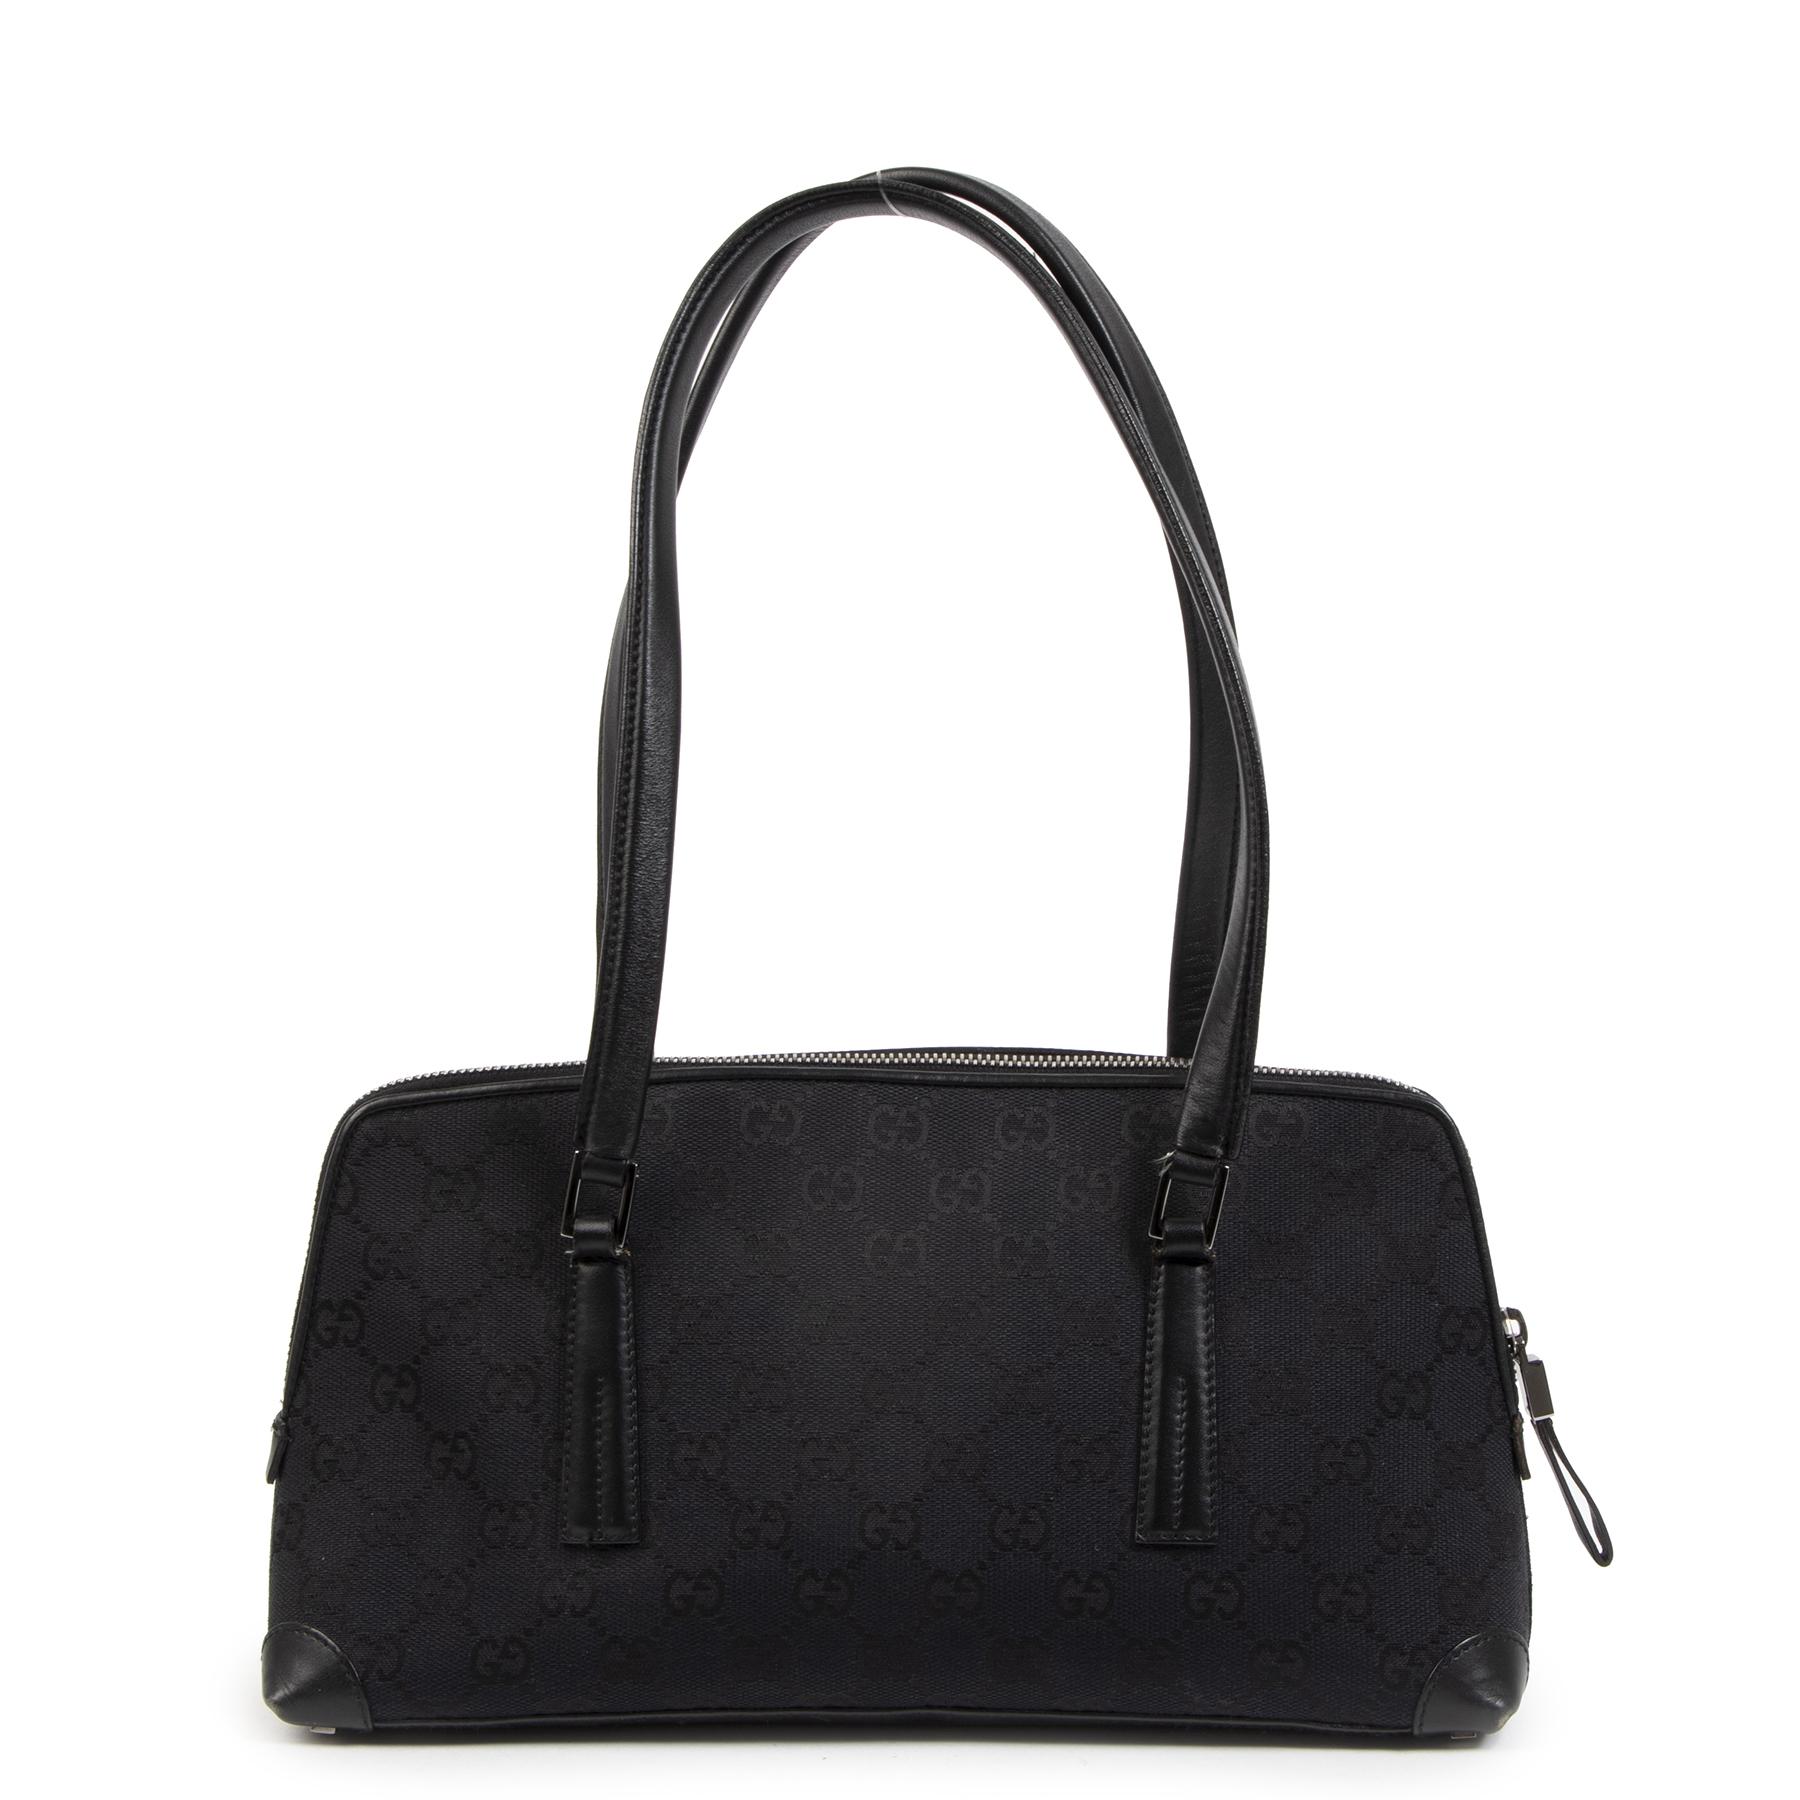 Authentic secondhand Gucci Black GG Monogram Canvas Shoulder Bag juiste prijs veilig online shoppen luxe merken webshop winkelen Antwerpen België mode fashion